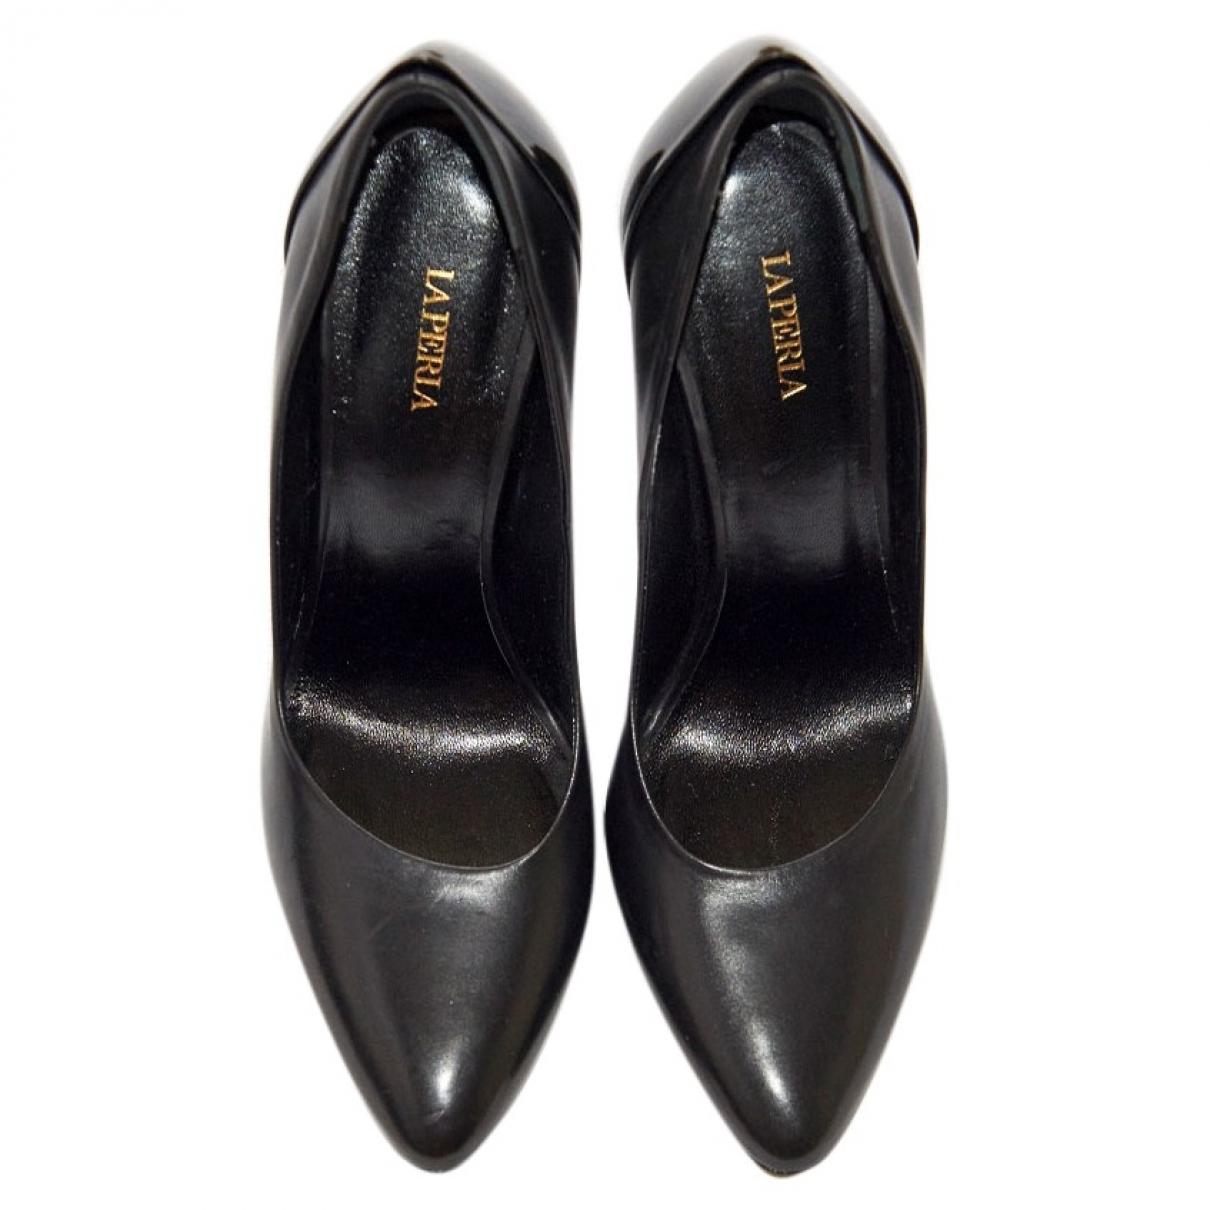 La Perla \N Black Leather Heels for Women 38 EU